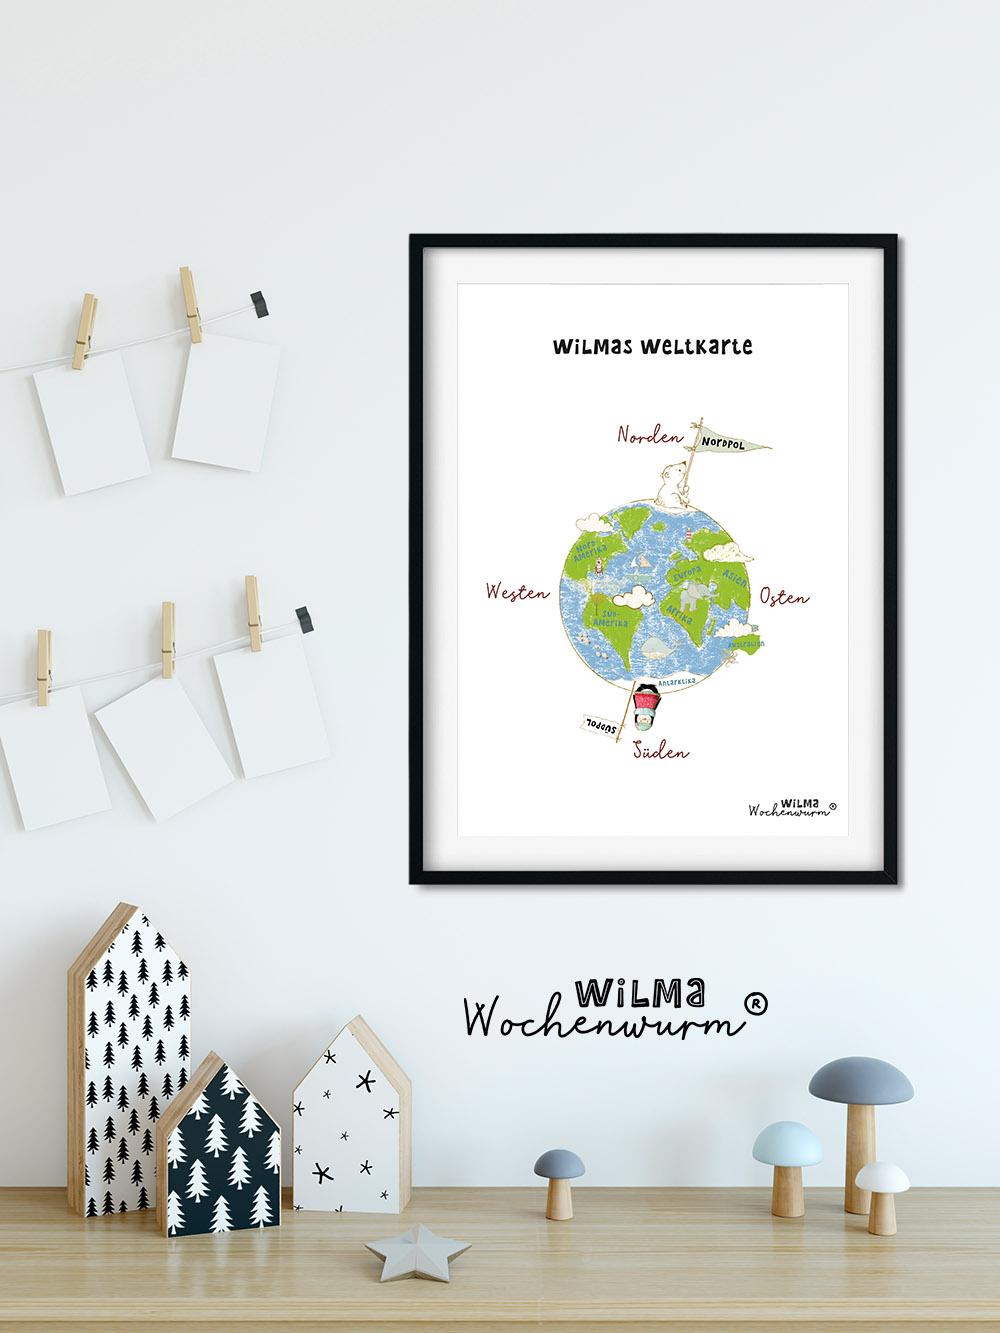 Selbstbewusstsein Kinder stärken Stella ist still Gefühle Wilma Wochenwurm Weihnachten Kita Kindergarten Grundschule Weltkarte Poster